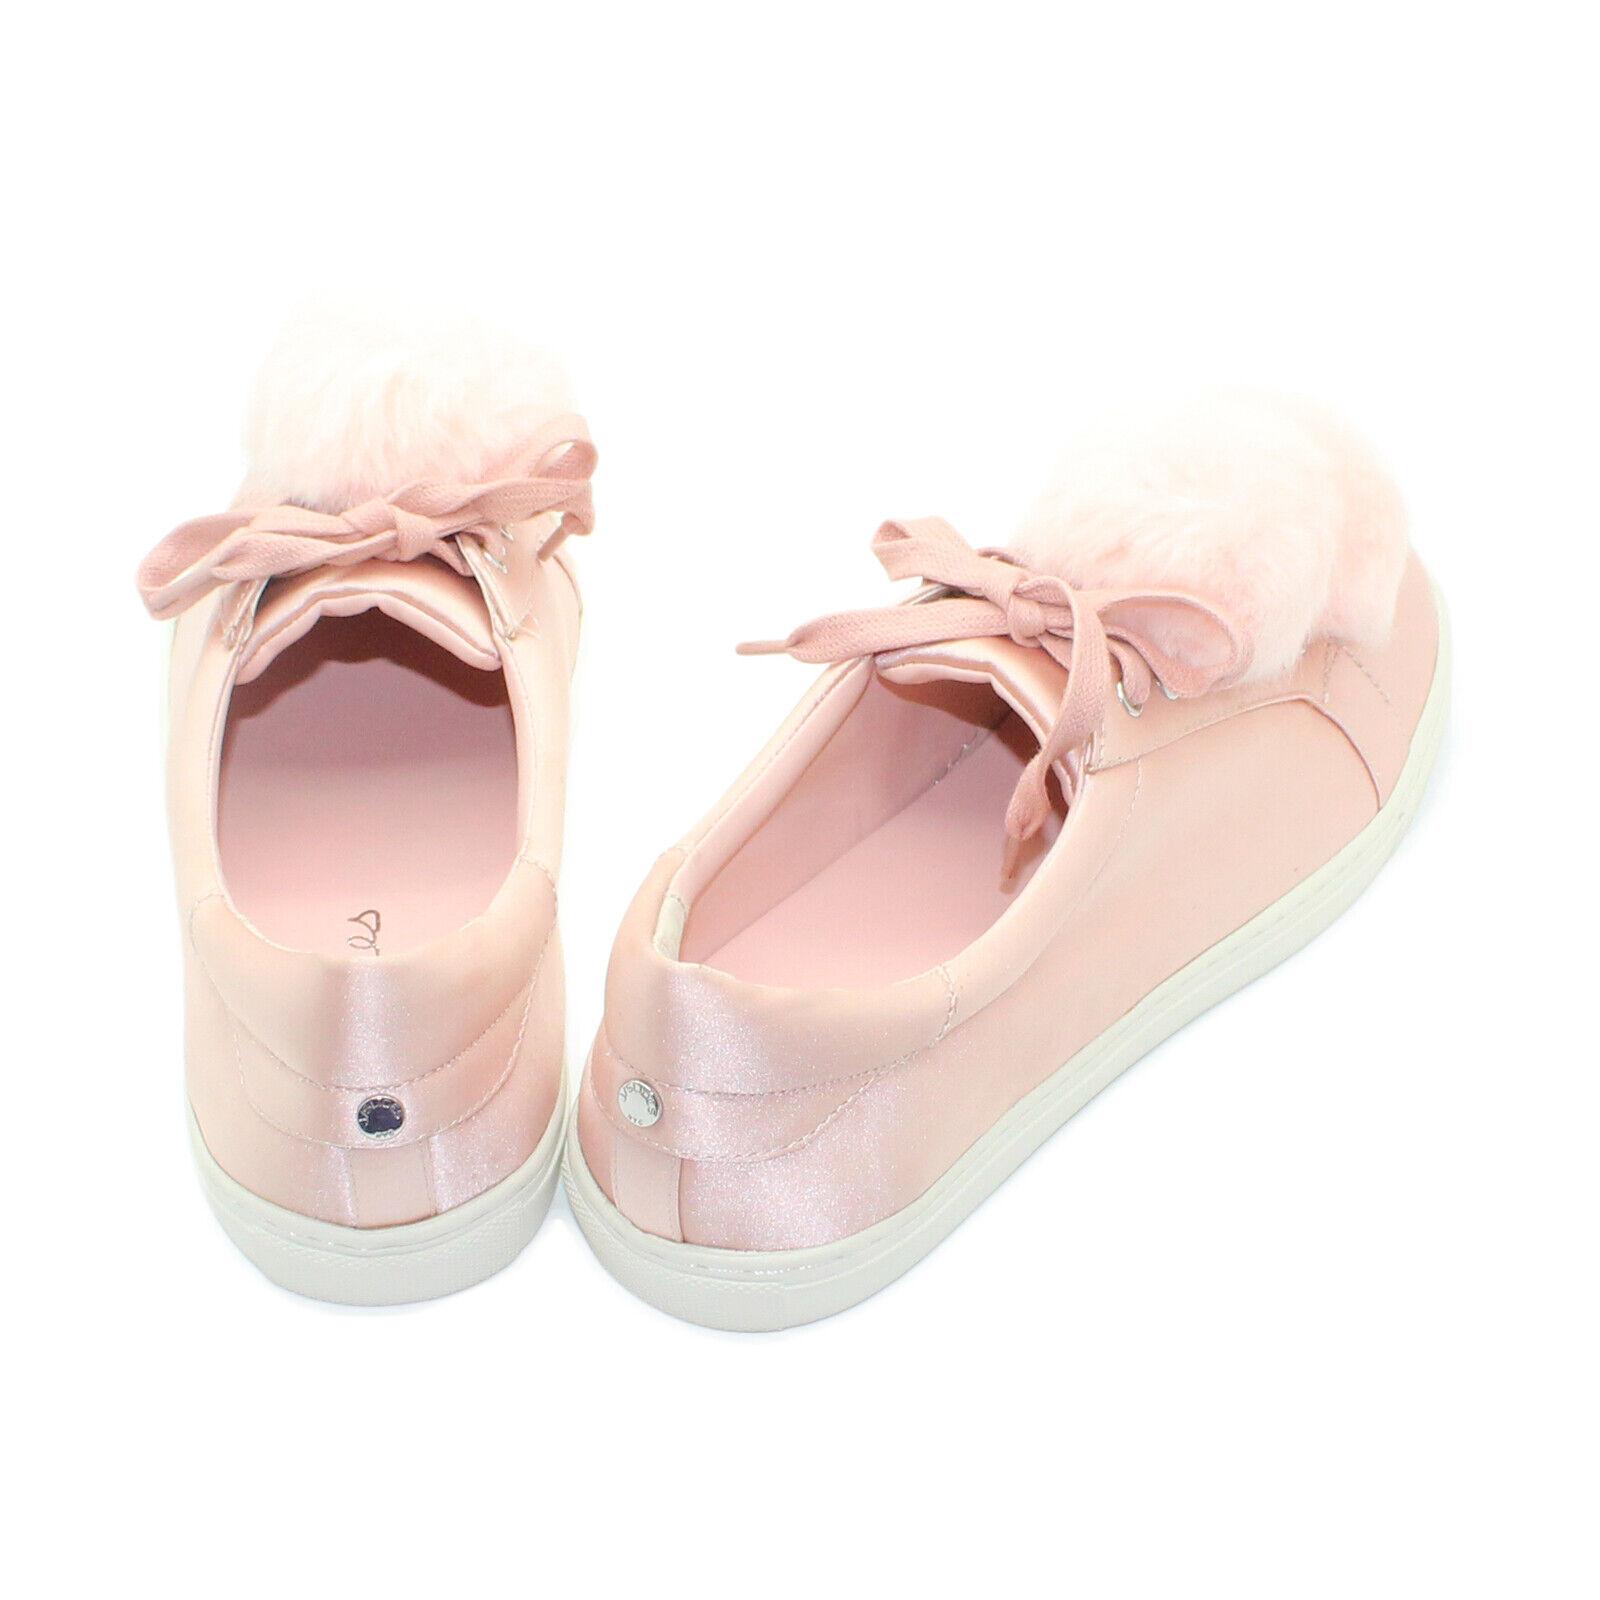 J SLIDES NYC Satin Slip-On Slip-On Slip-On Pompom Lace Up Sneaker - Choose Size & color 1d869d